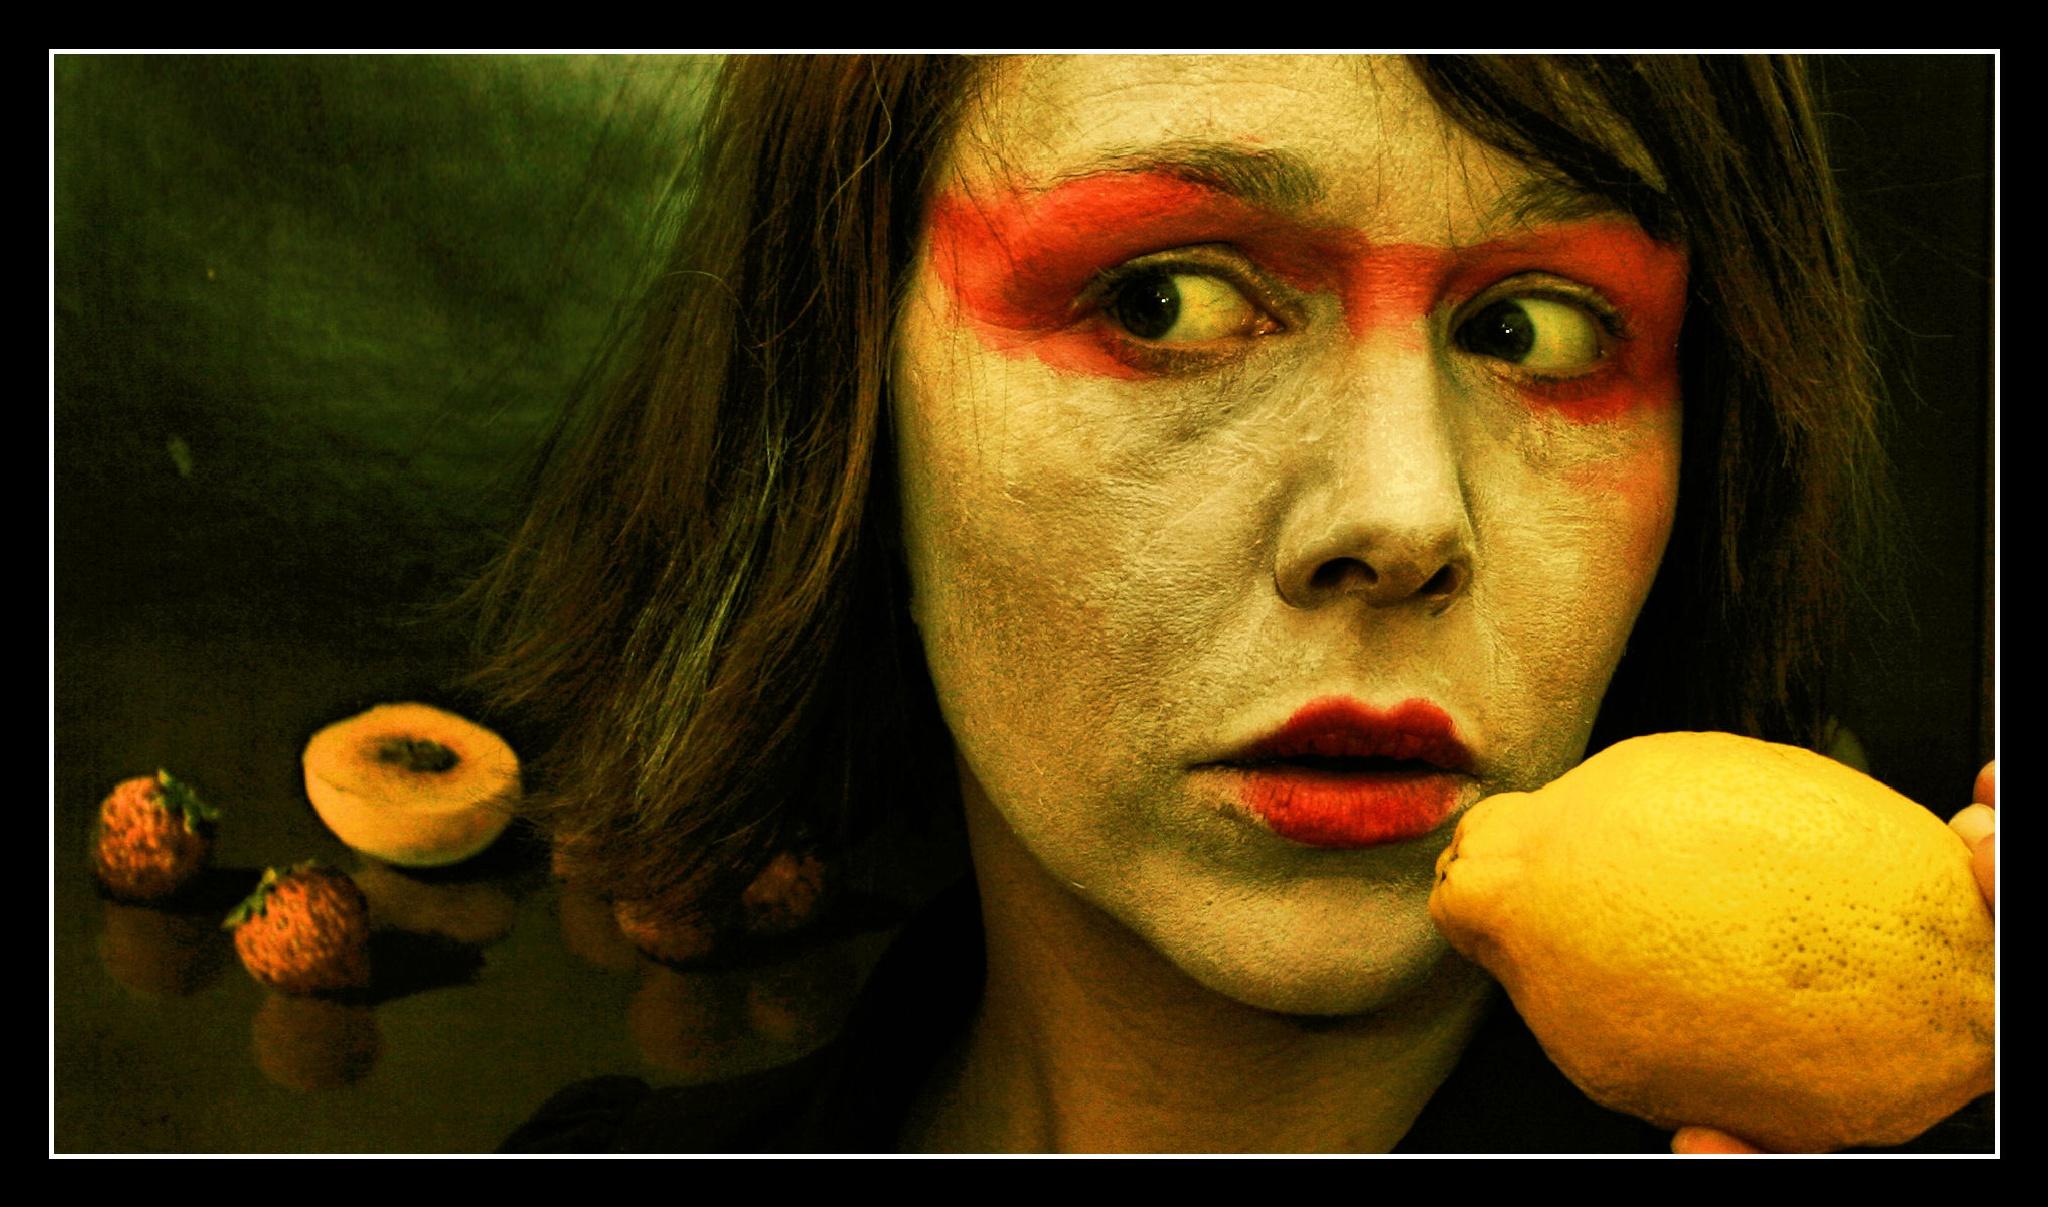 The Lemon Eater by Bekon